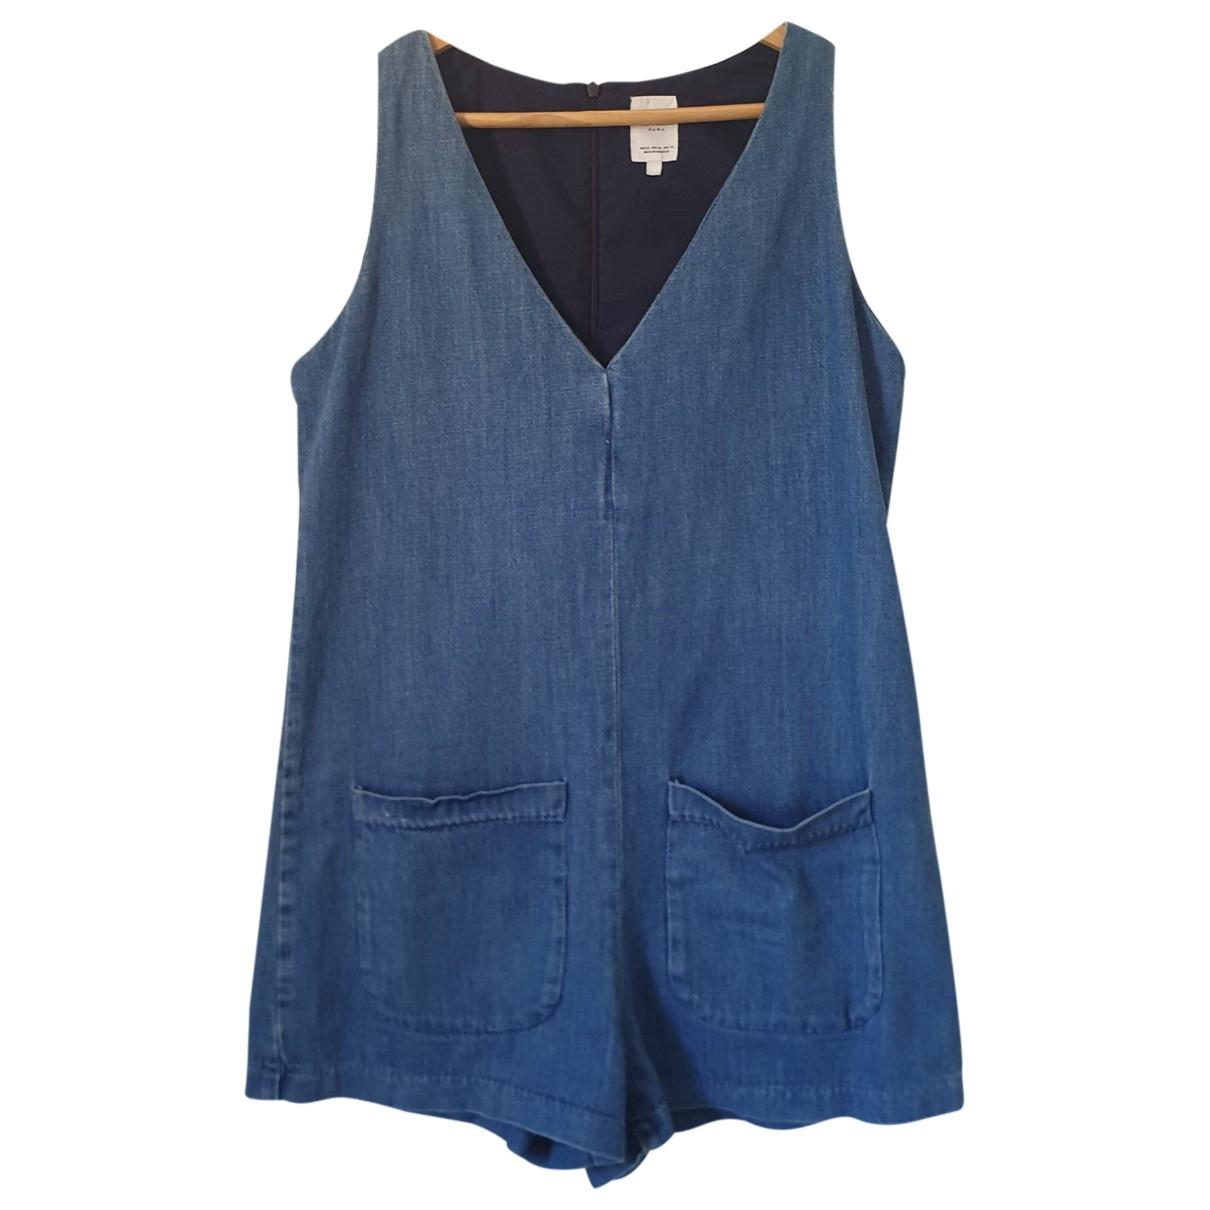 Zara - Robe   pour femme en denim - turquoise